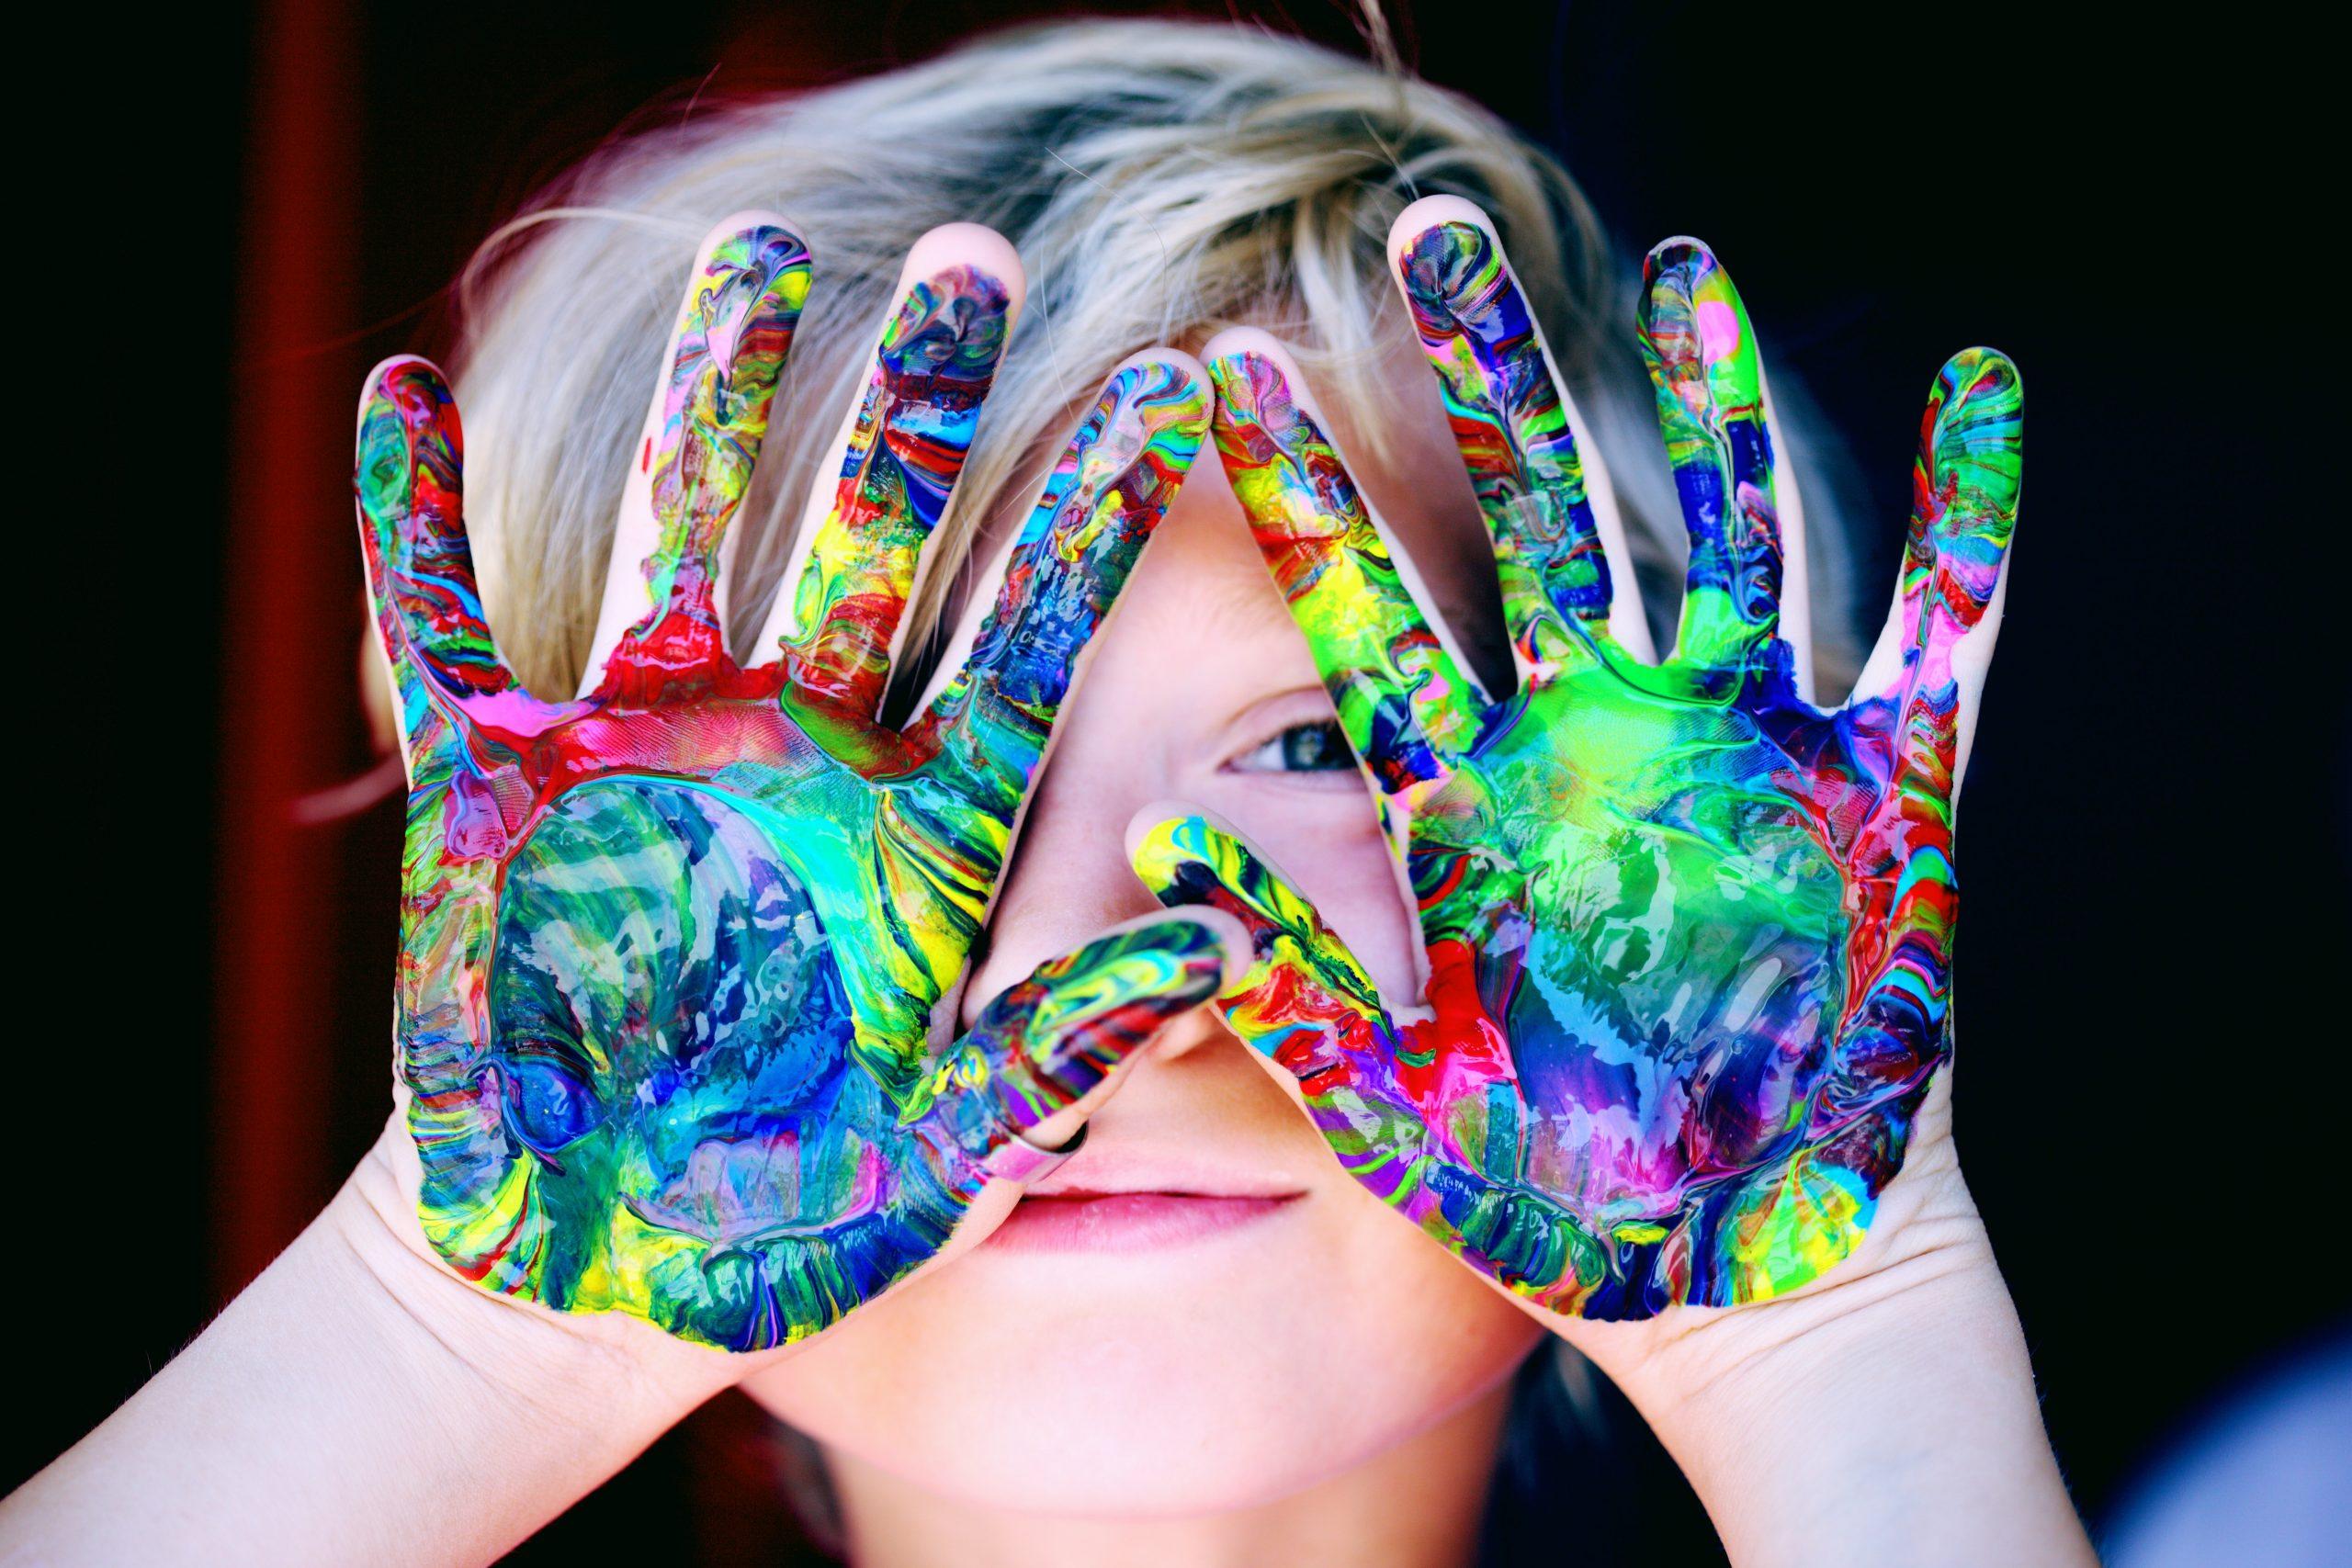 Criança com a mão pintada de tinta colorida.